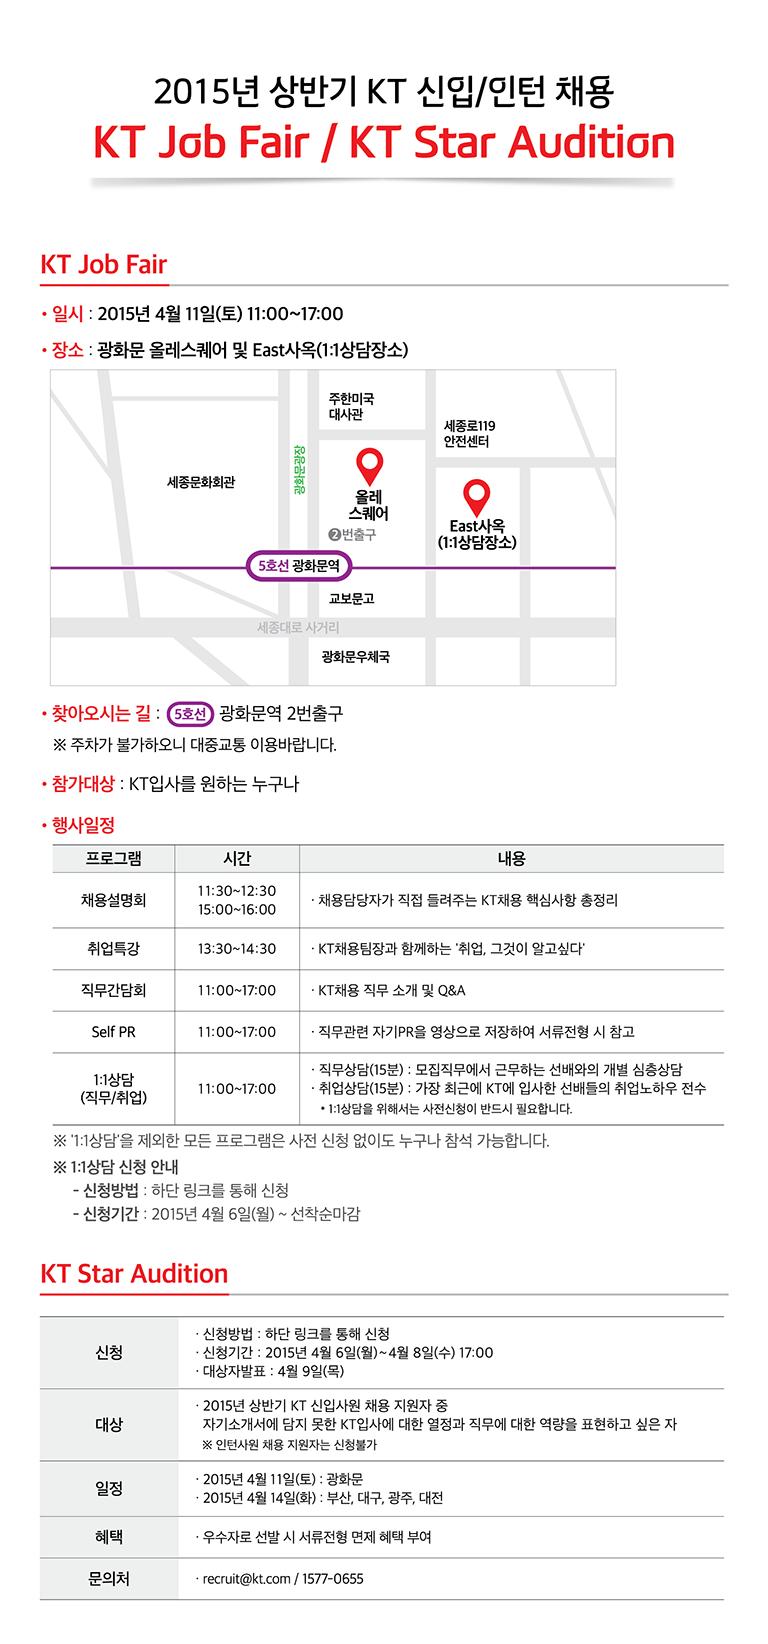 2015년 상반기 KT 신입,인턴 채용 잡페어 및 스타오디션 안내1.png